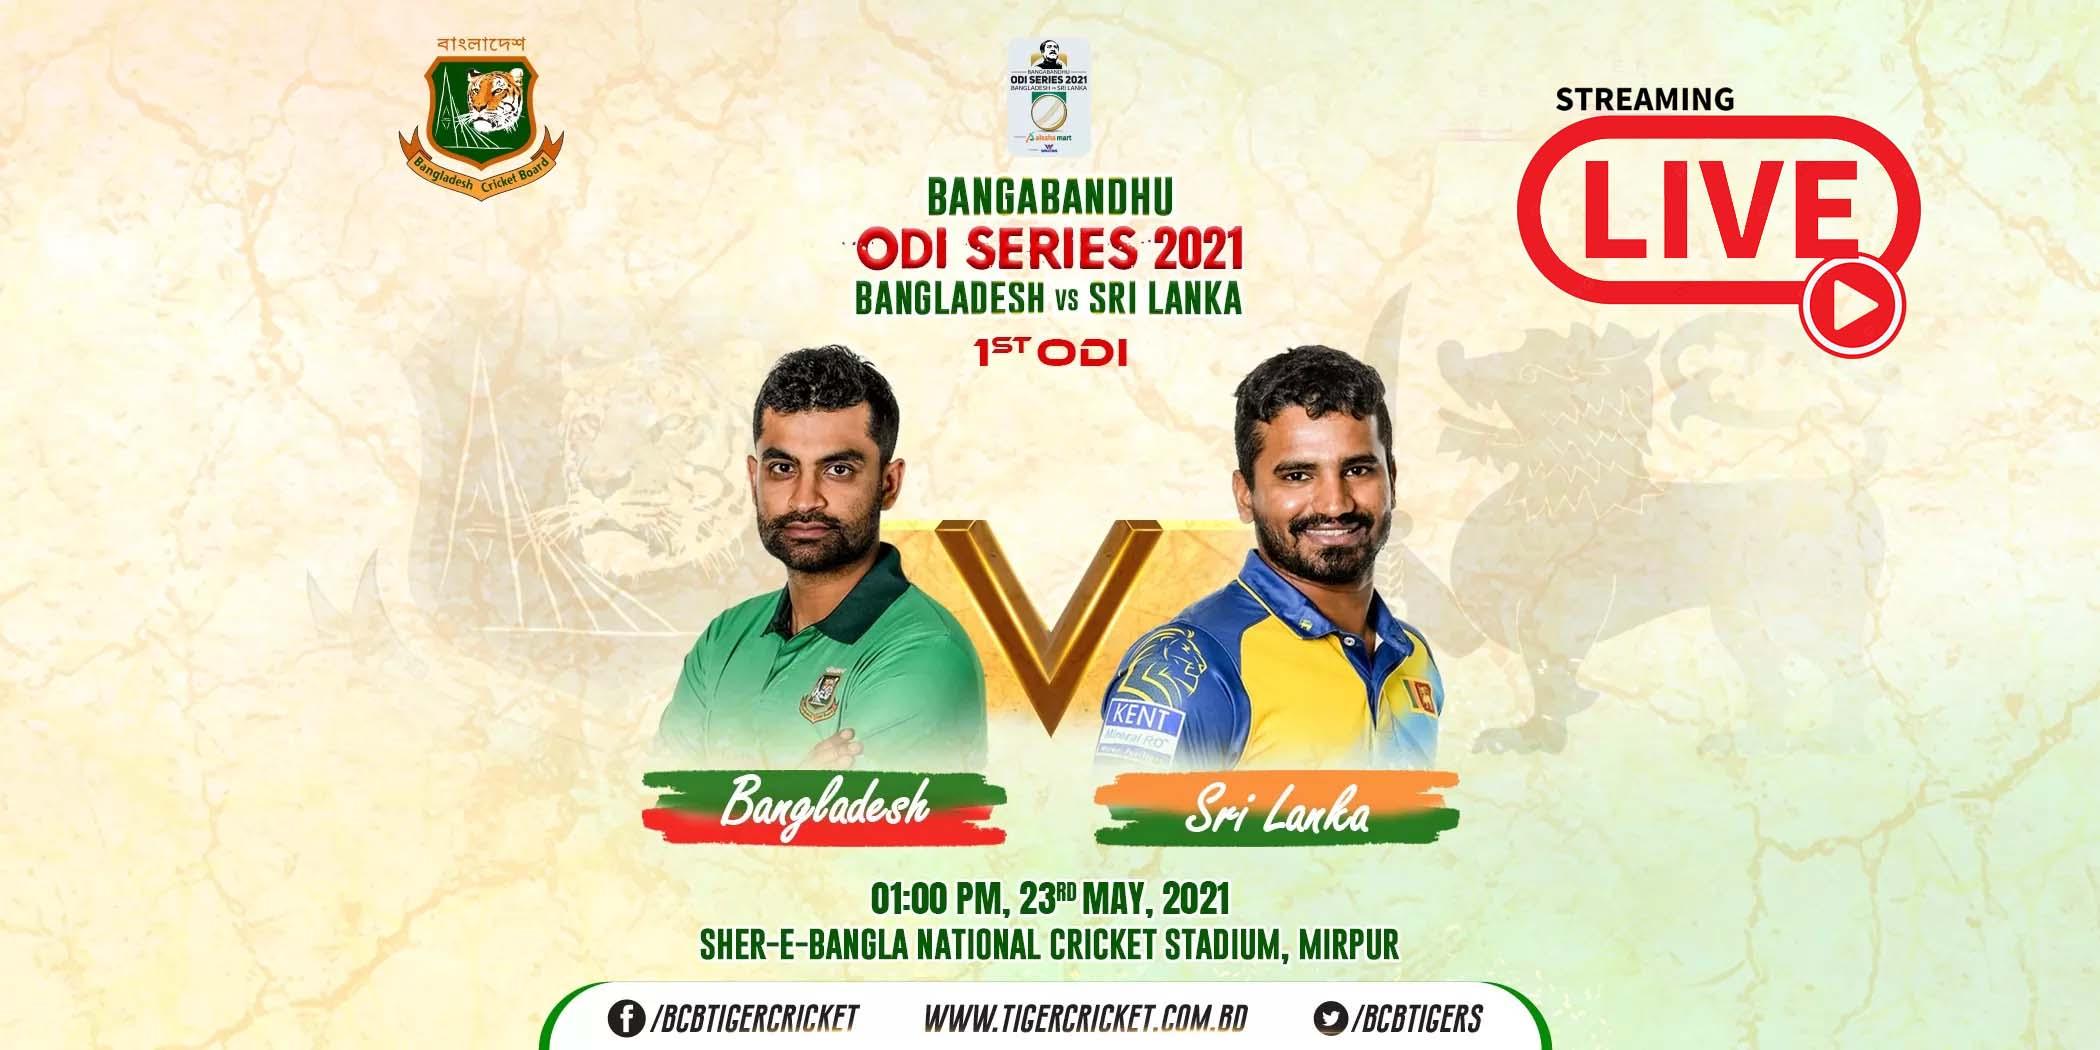 Bangladesh Vs Sri Lanka Live